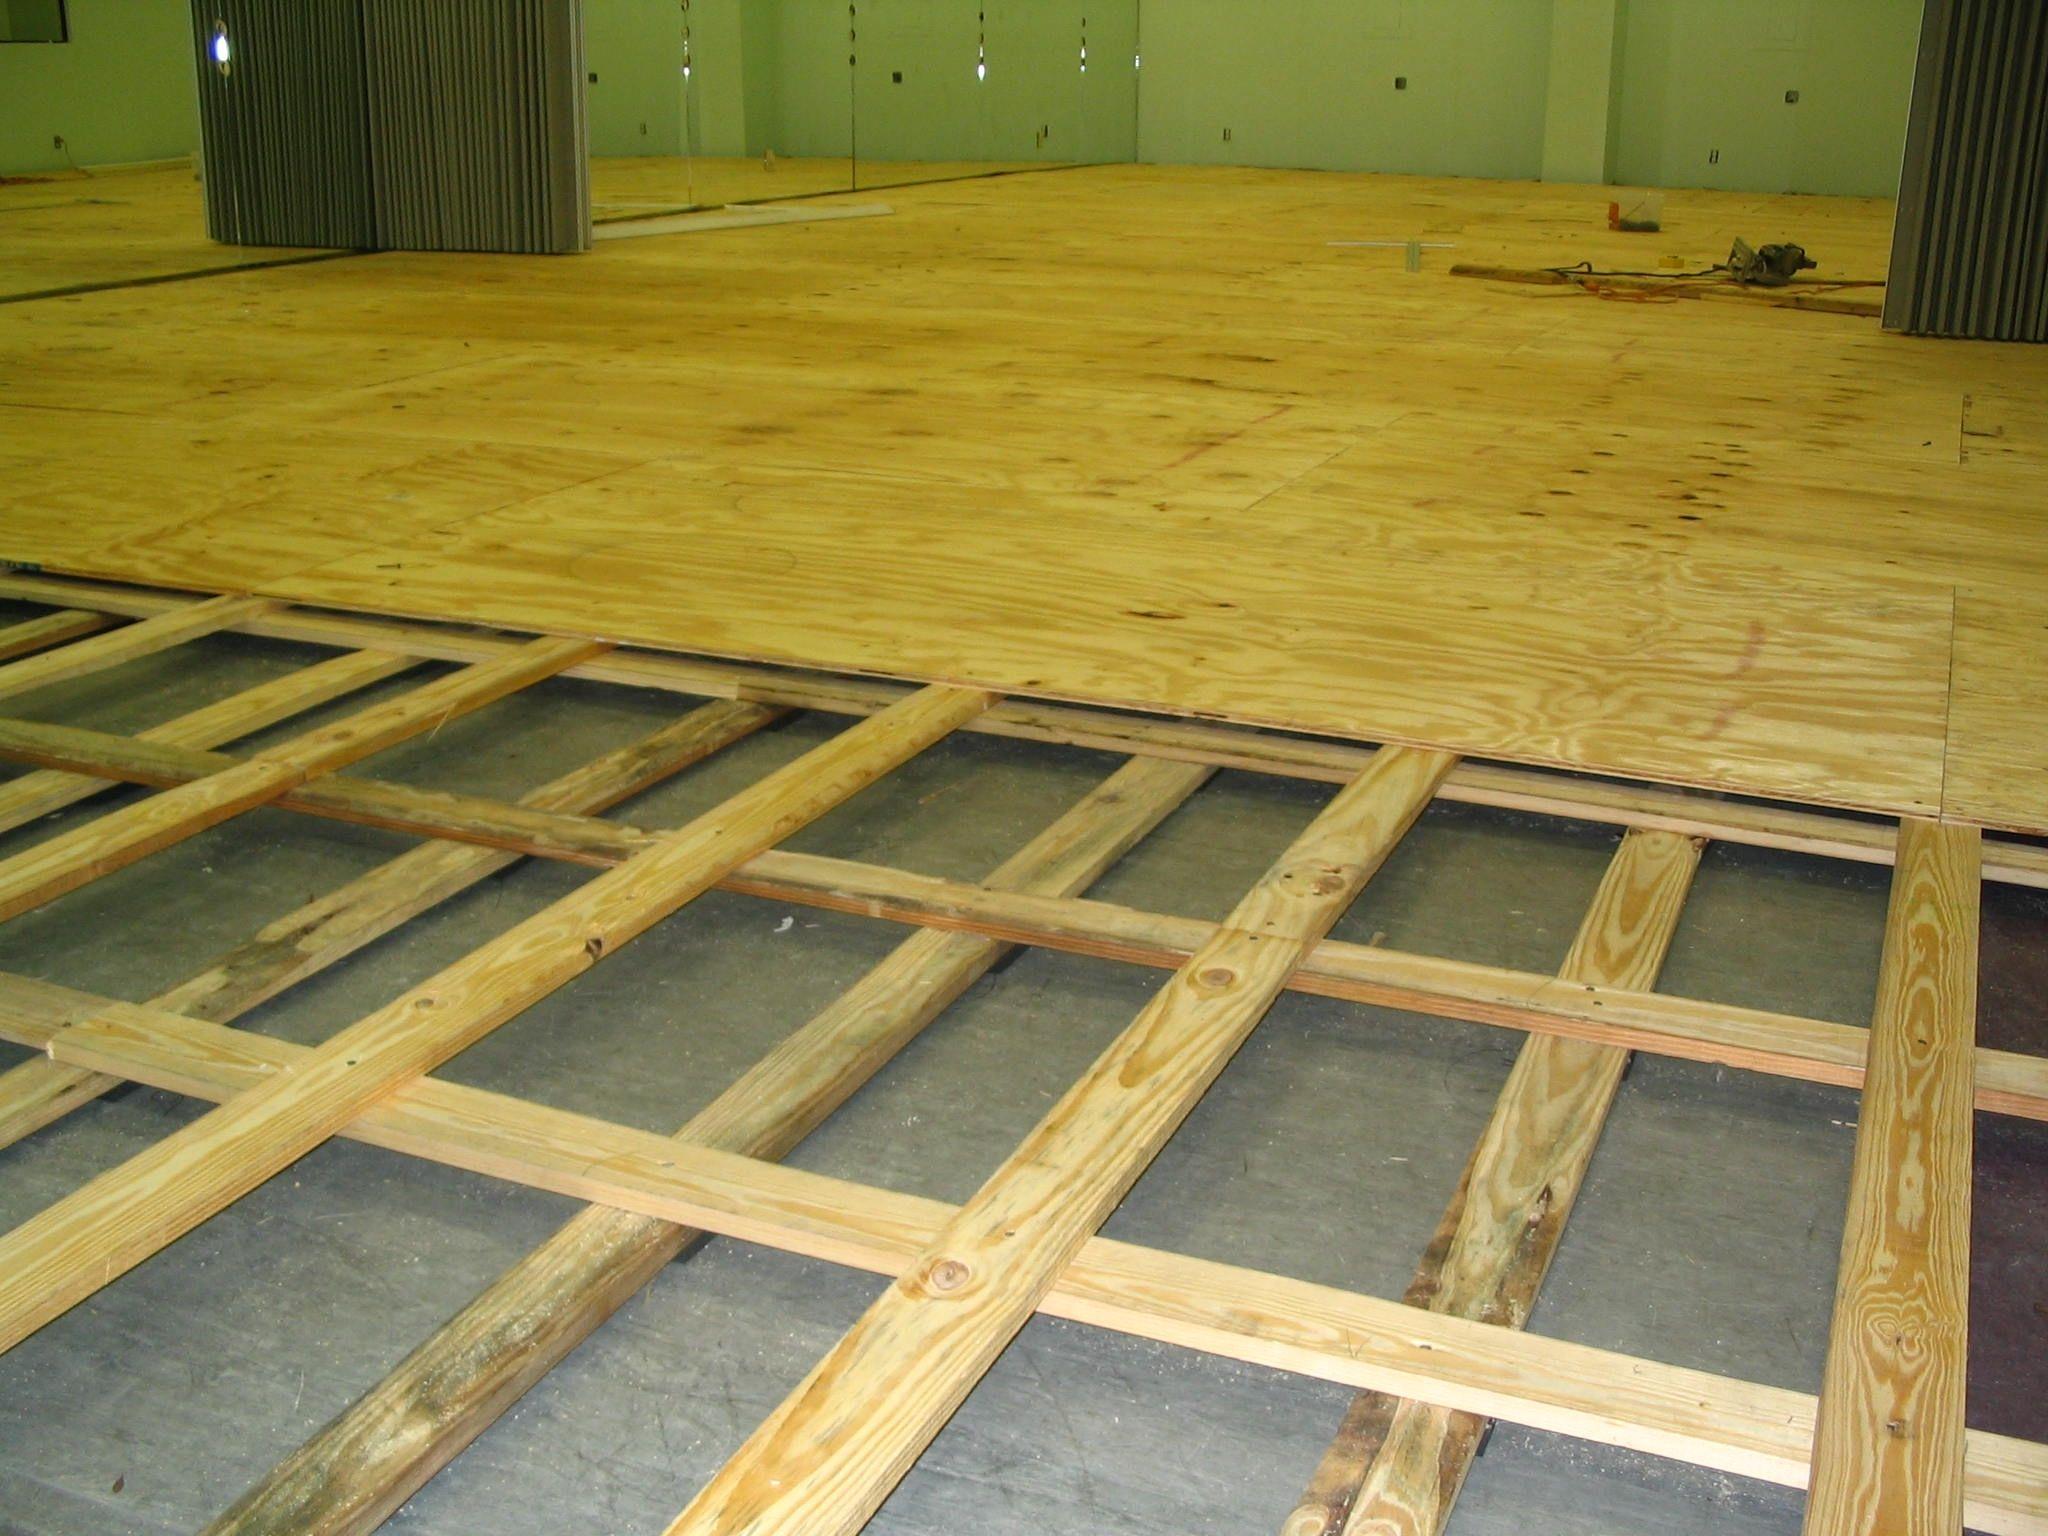 Sprung Wood Floors For Dance Dance Studio Floor Dance Floor Diy Dance Studio Decor